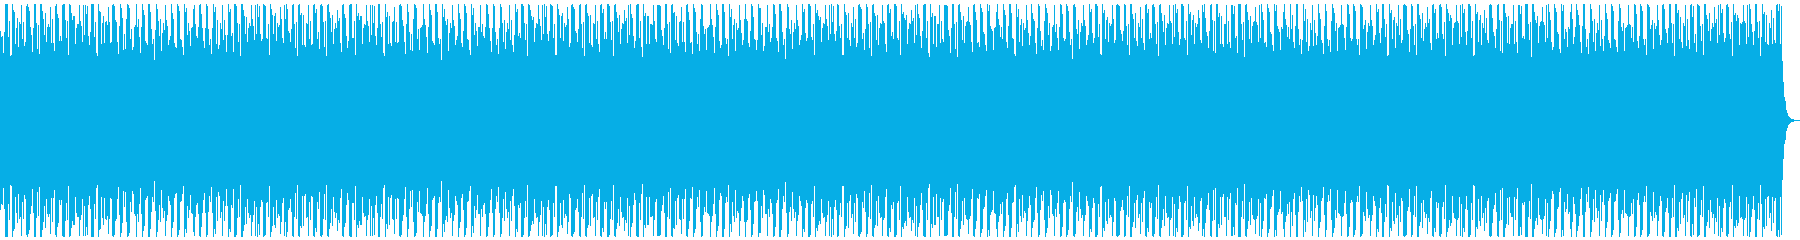 [ニュース報道]無機質:13、10分の再生済みの波形